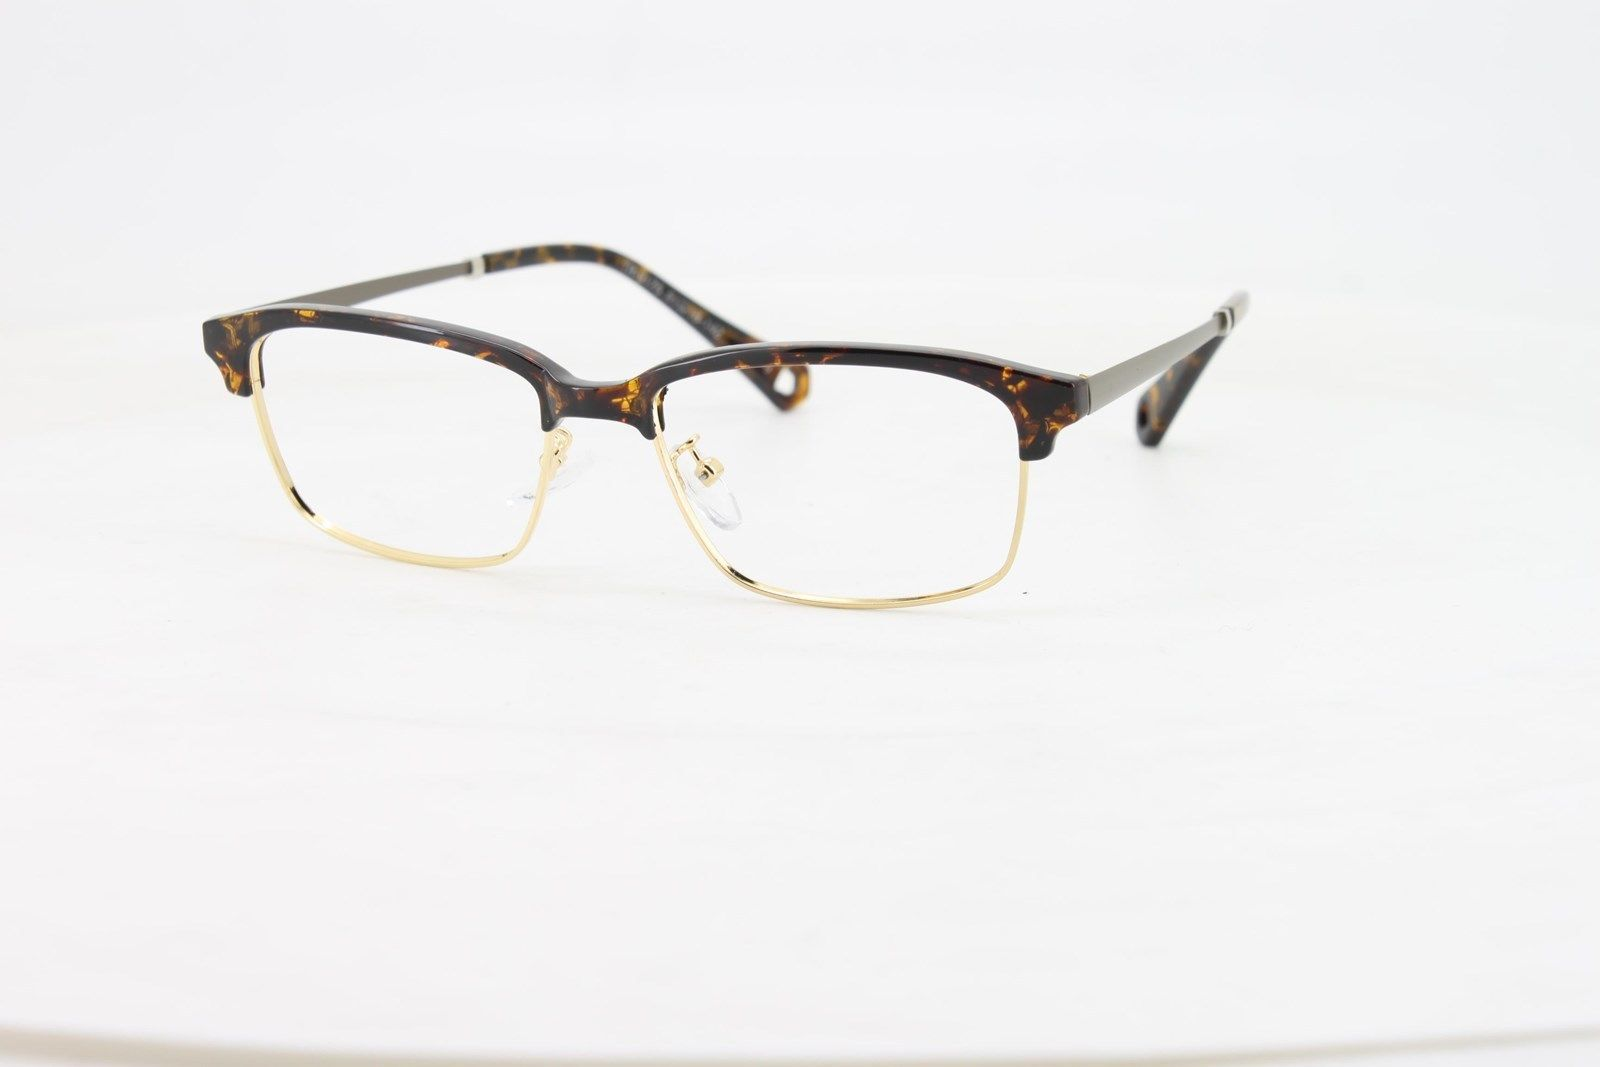 6075da2a16b2 S l1600. S l1600. Previous. Ebe Reading Glasses Mens Womens Tortoise  Rectangular Retro Qurter Rim